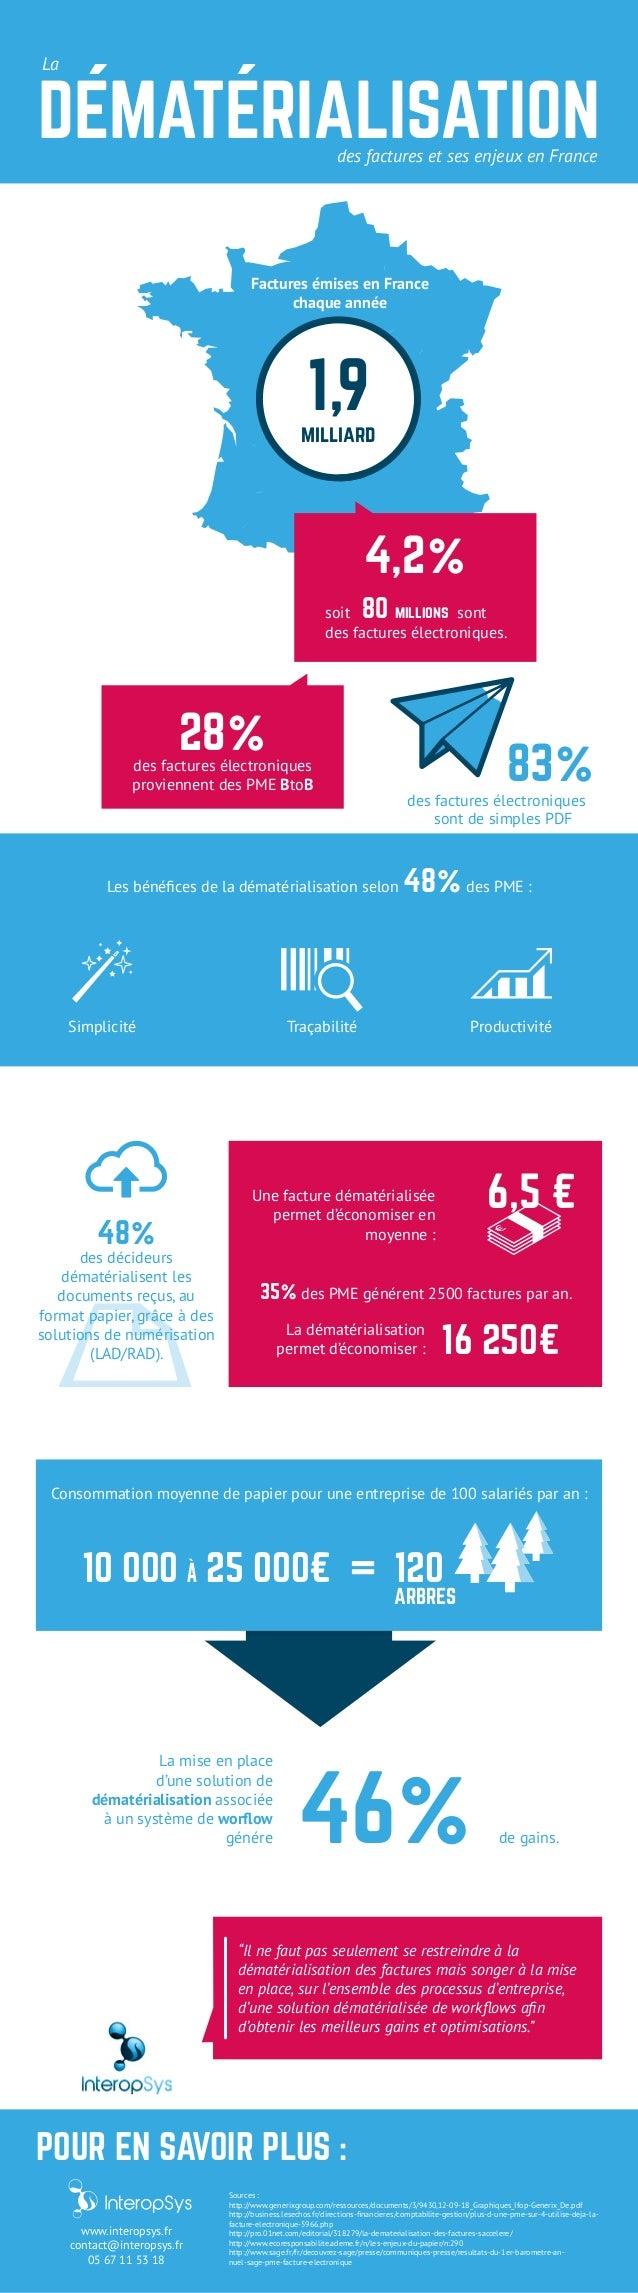 1,9milliard Factures émises en France chaque année 4,2% 80 millionssoit sont des factures électroniques. 28%des factures é...